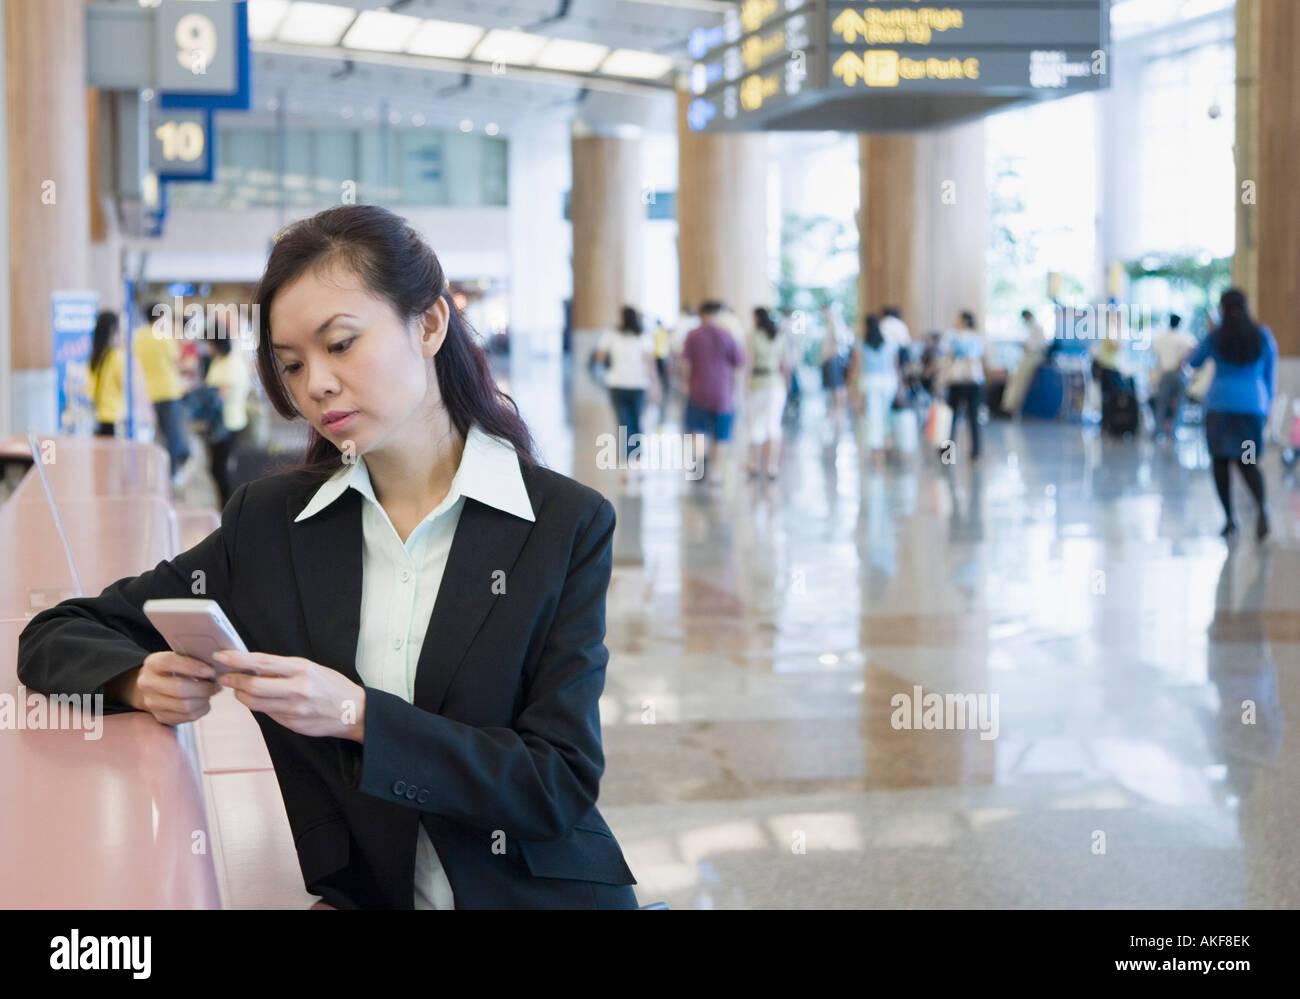 Geschäftsfrau mit einer Hand gehalten Gerät an einem Flughafen Stockbild